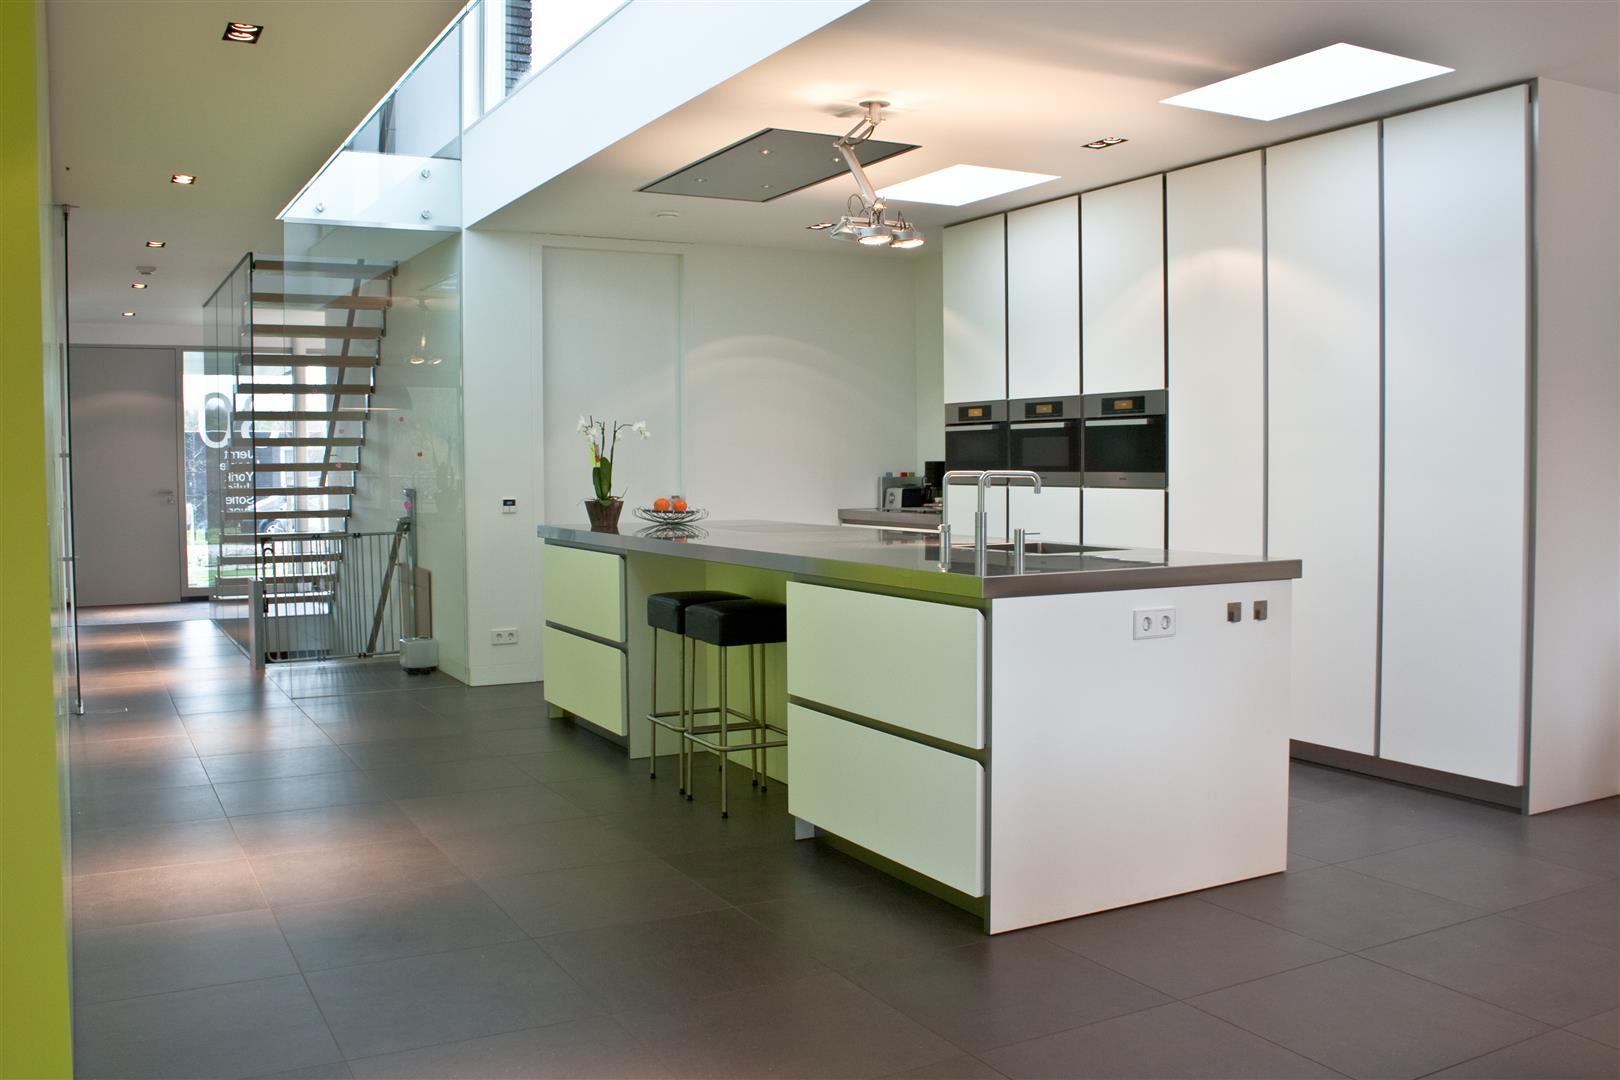 Industrieel Keuken Tegels : Tegels en houten vloer overgang strak zonder profiel